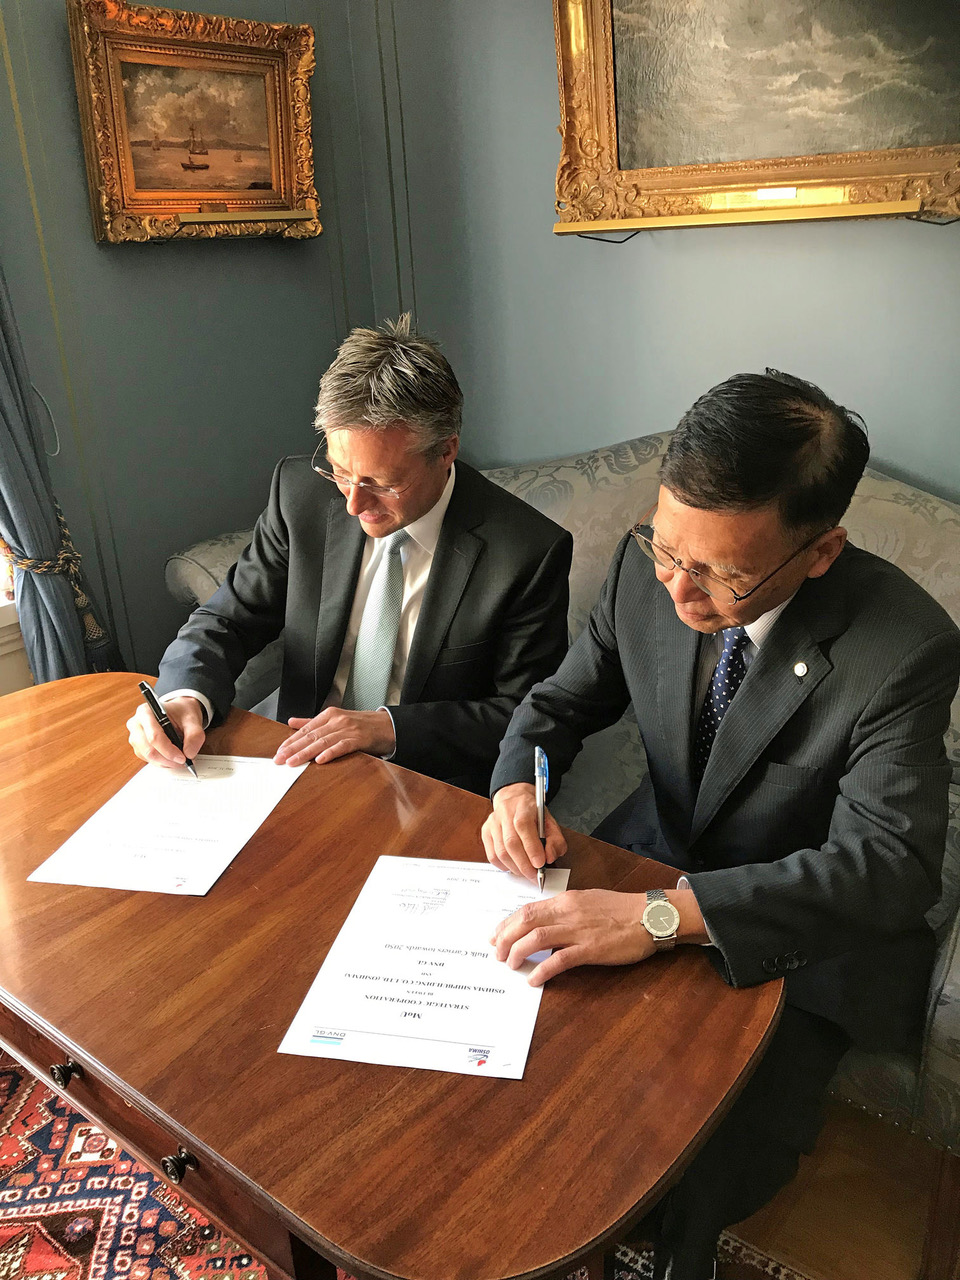 (Α-Δ): Ο κ. Trond Hodne, Director of Sales & Marketing at DNV GL και ο κ. Eiichi Hiraga, President of Oshima Shipbuilding.